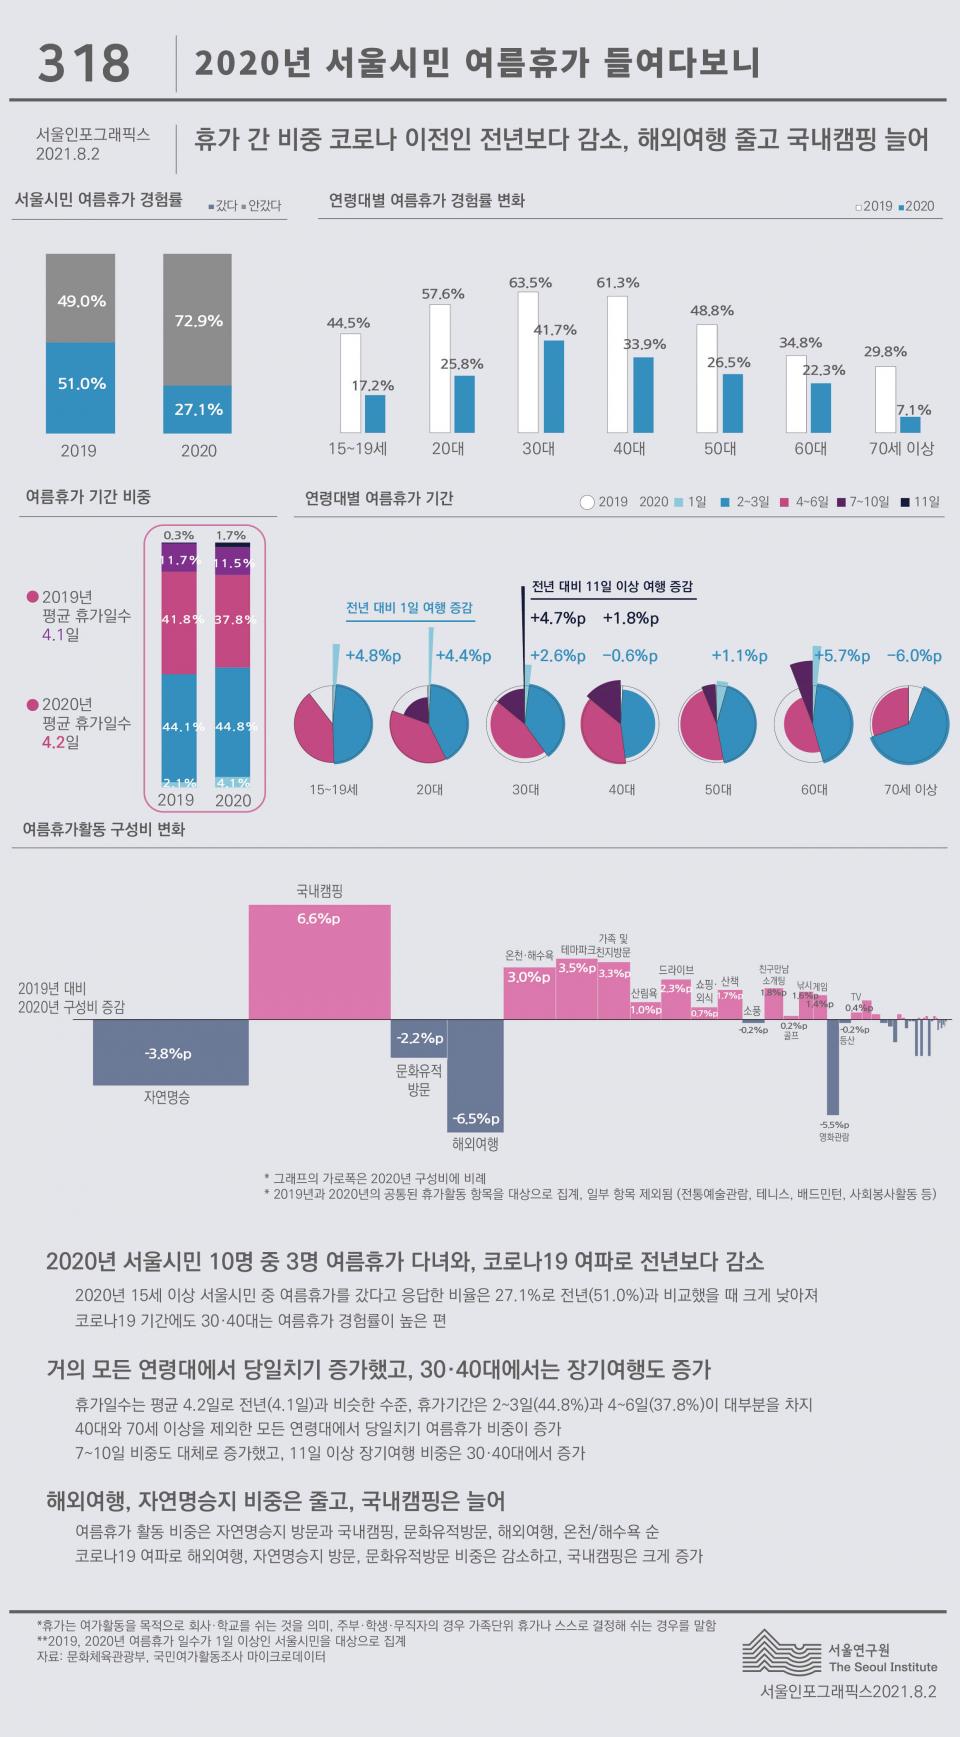 서울인포그래픽스 318호 2020년 서울시민 여름휴가 들여다보니 (자료제공:서울연구원)